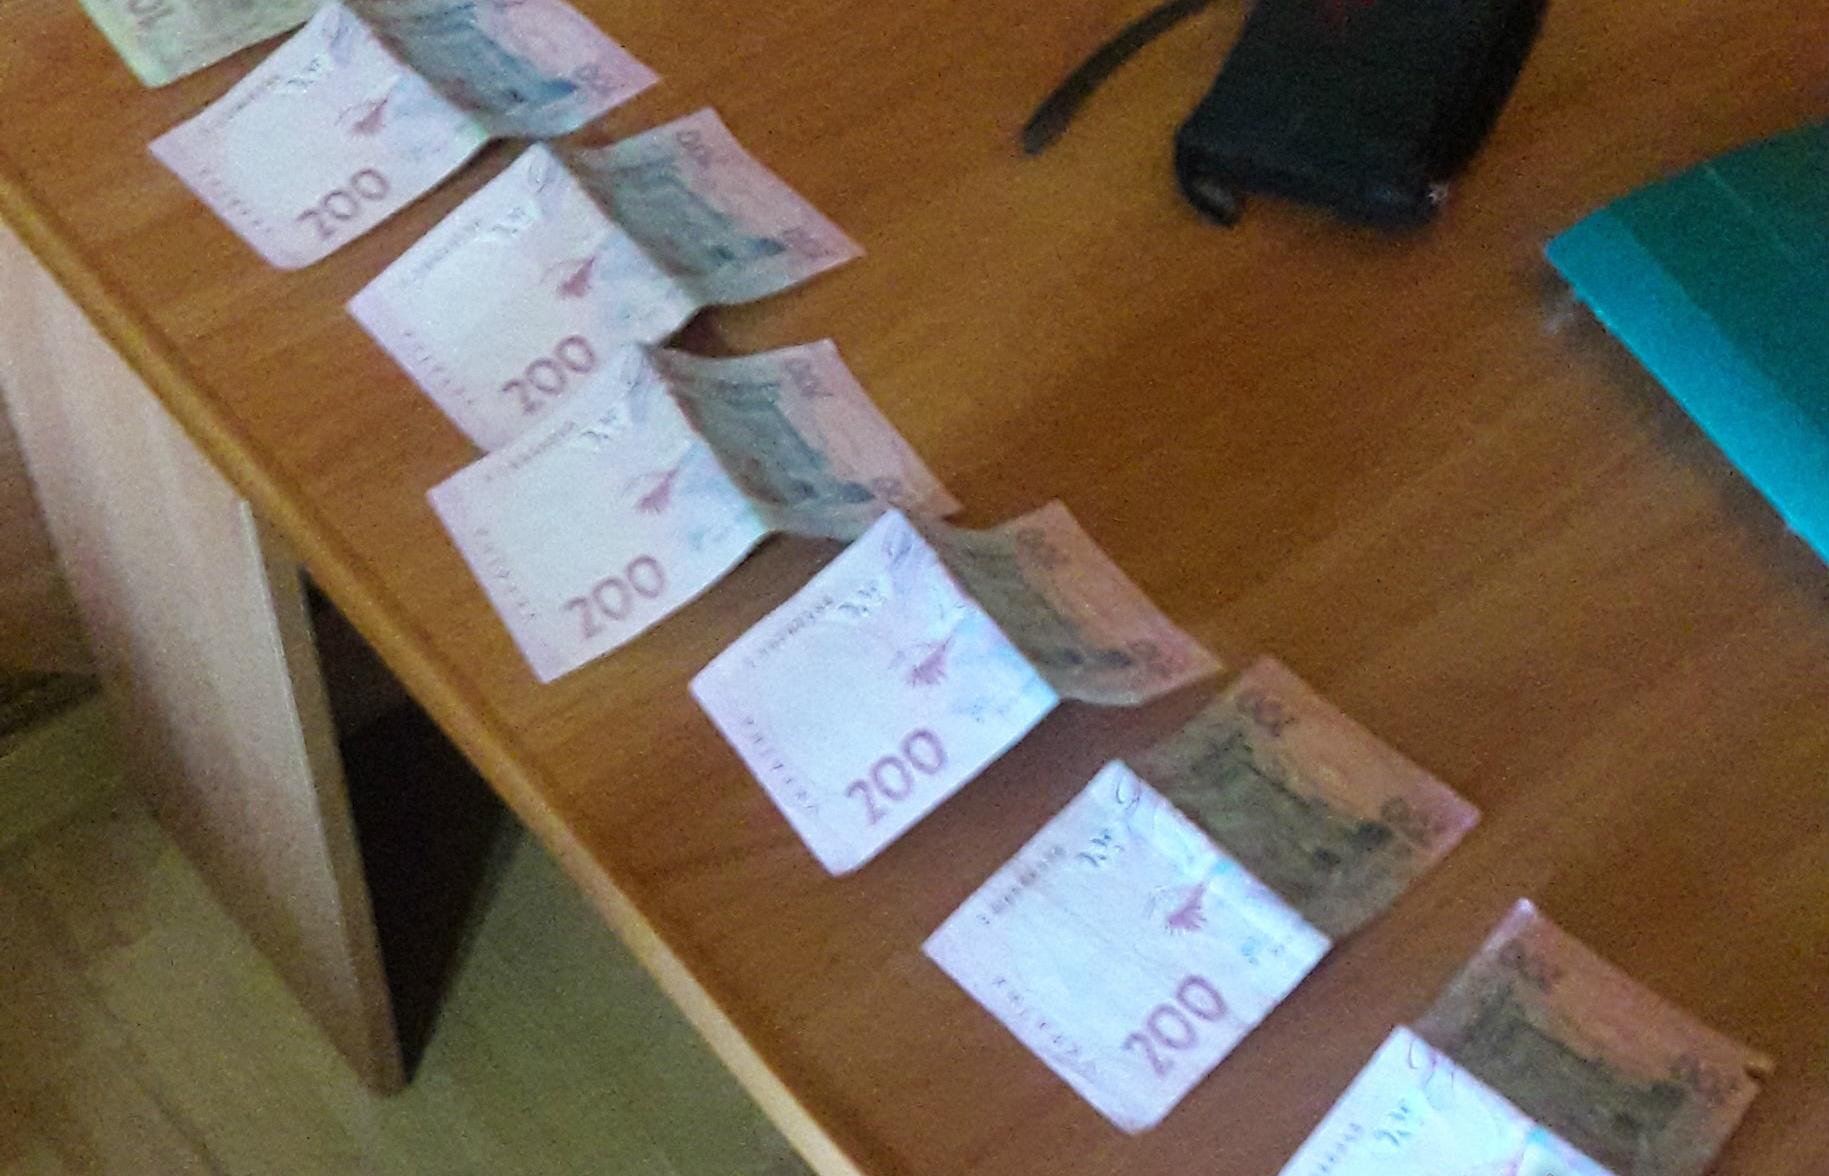 Проституція по-свалявськи: Дві подруги продали себе за 1500 гривень кожна (ФОТО)